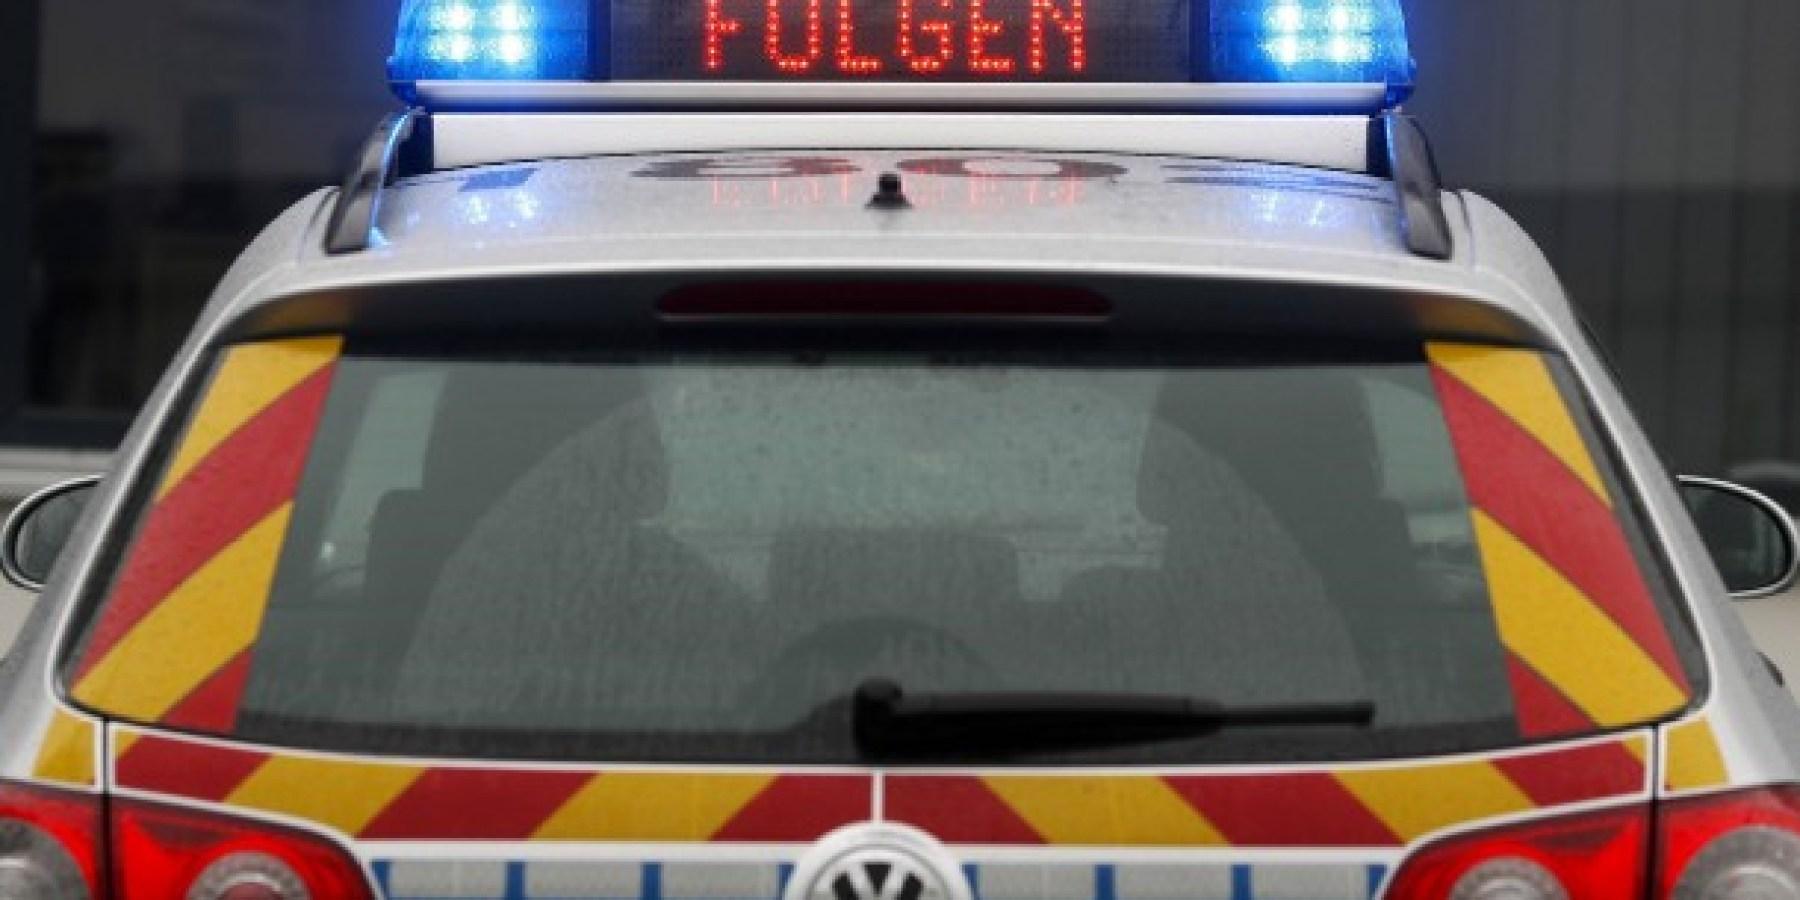 Schwerpunktkontrolle  von Radfahrern – 66 Verstöße in nur zwei Stunden